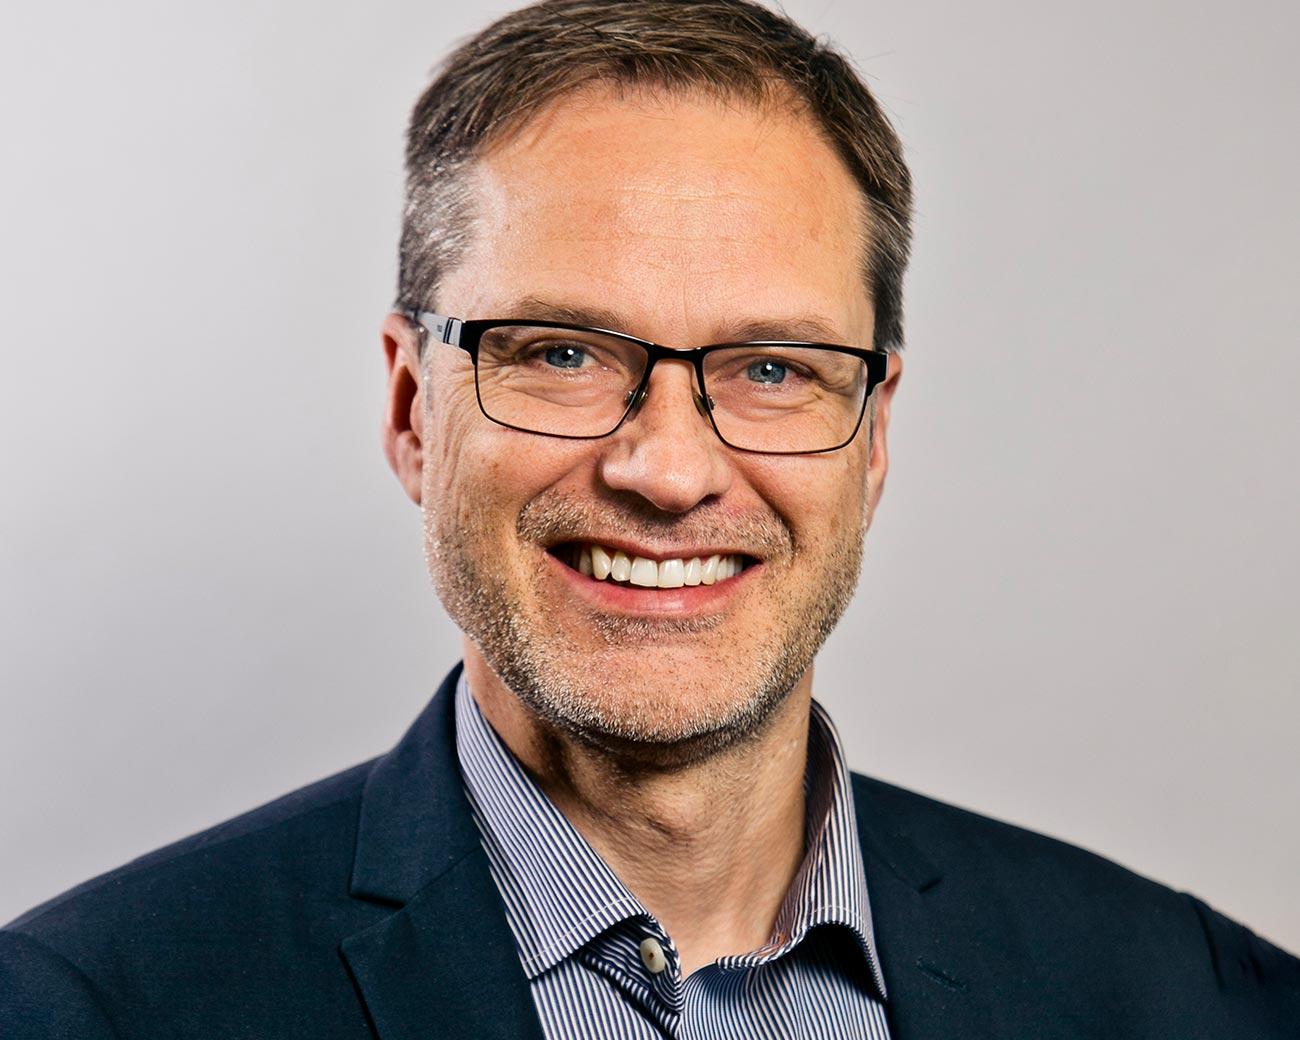 Magnus Wikström, CEO of Coor in Sweden